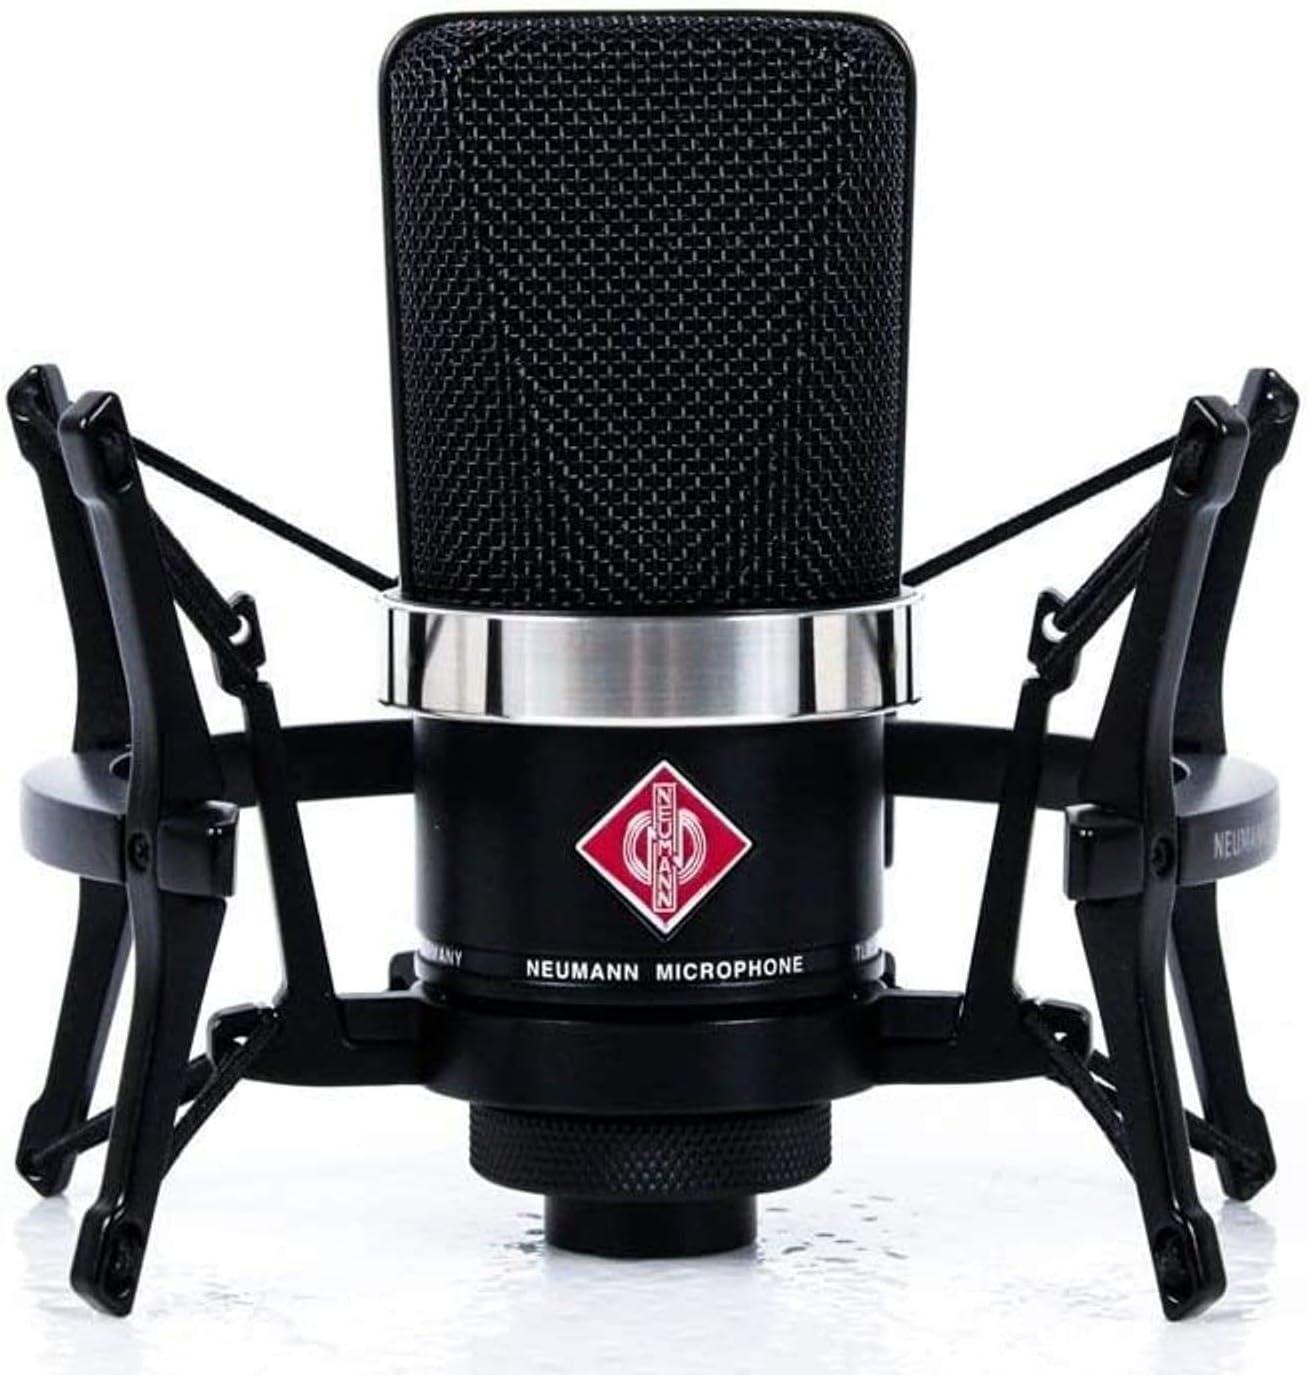 Neumann TLM 102 Microphone - Best Condenser Mic For Vocals